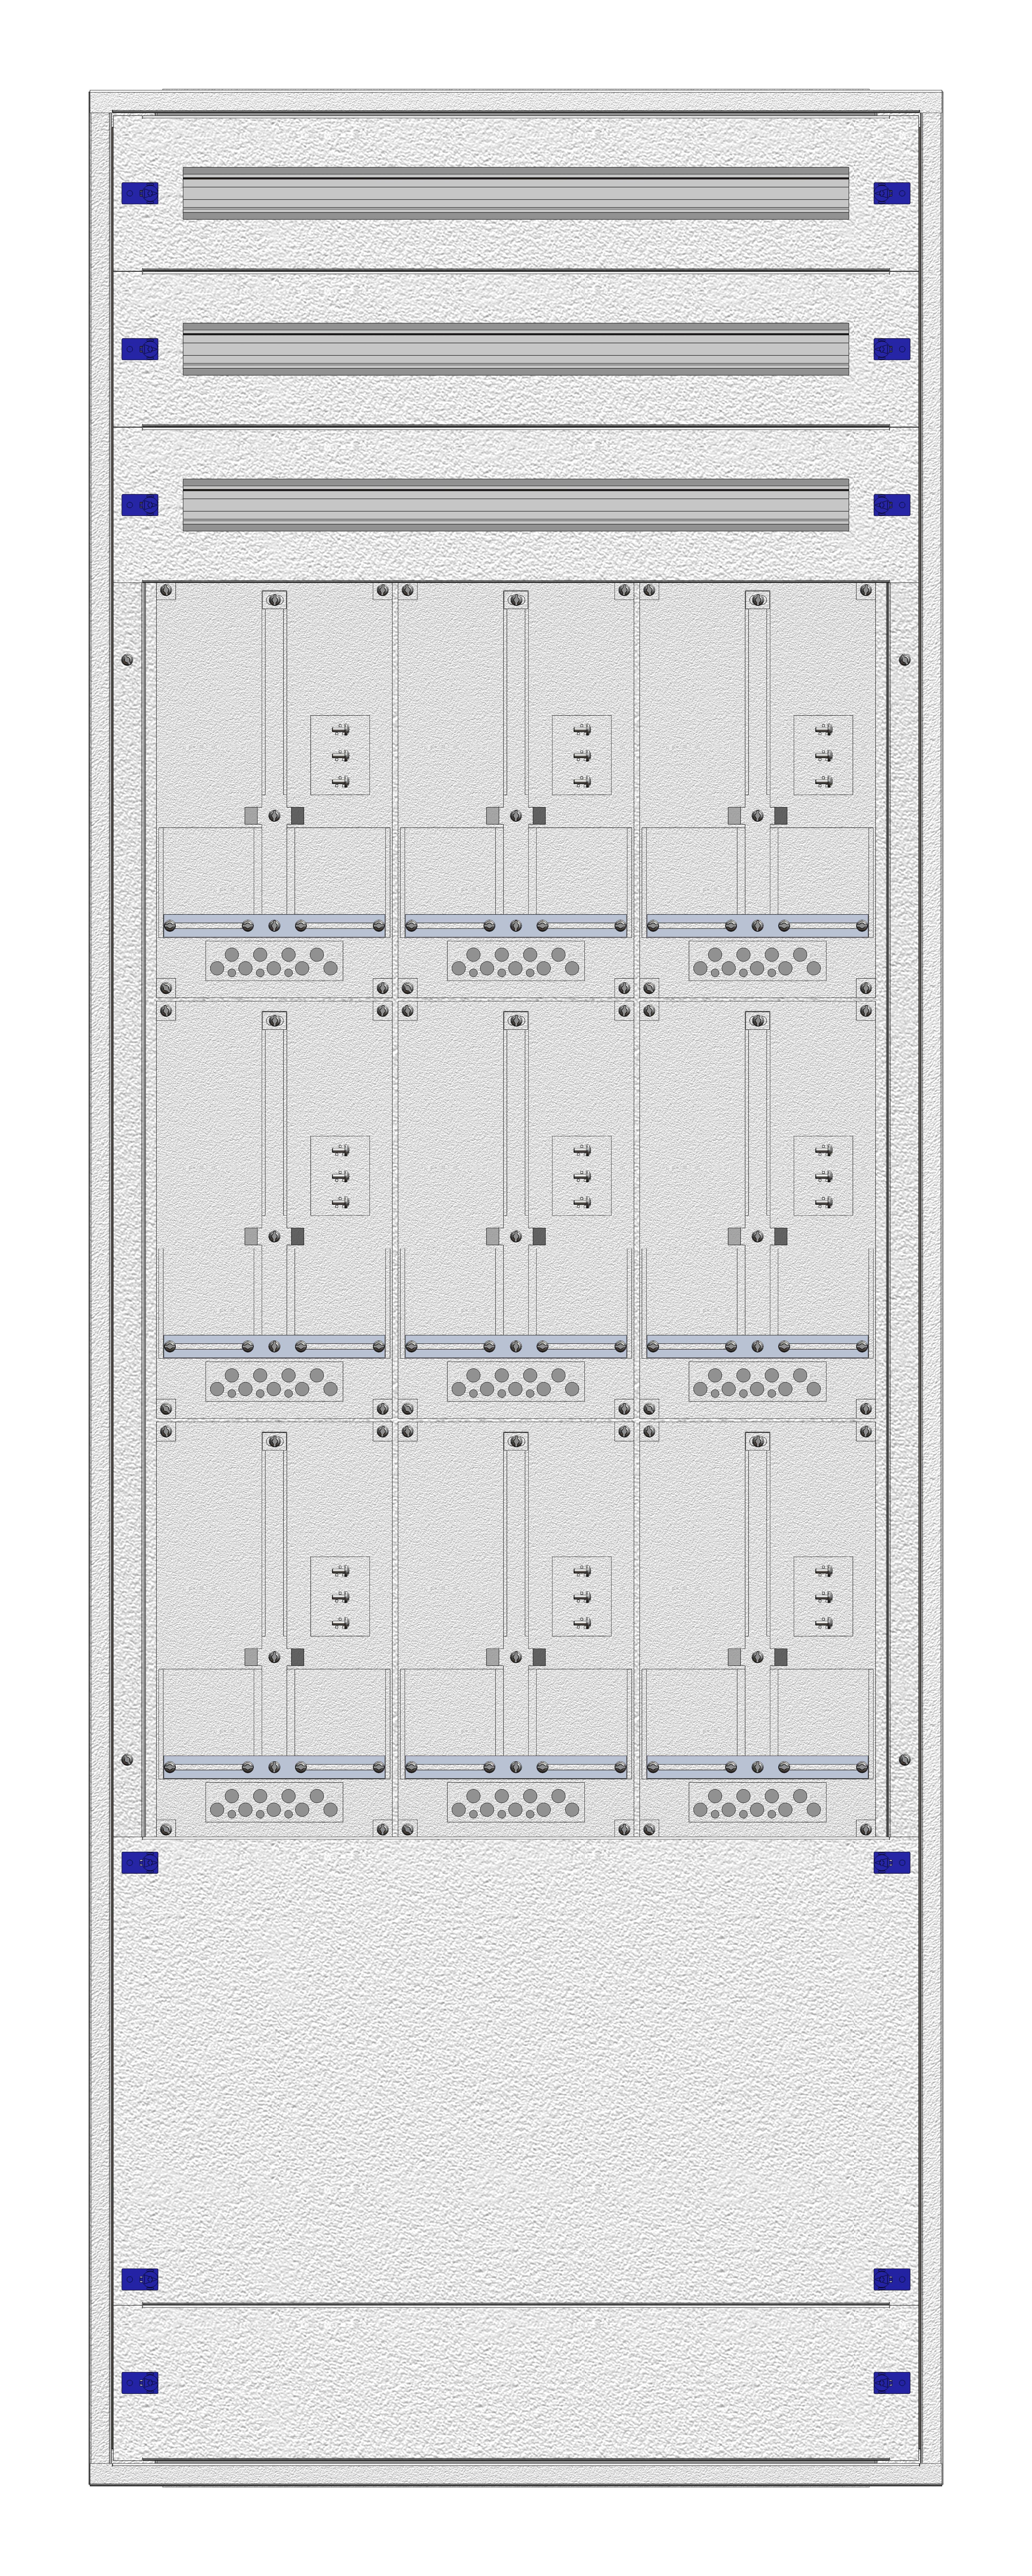 1 Stk Masken-Zählerverteiler 3M-45M/WIEN 9ZP, H2130B760T200mm IL122345WS